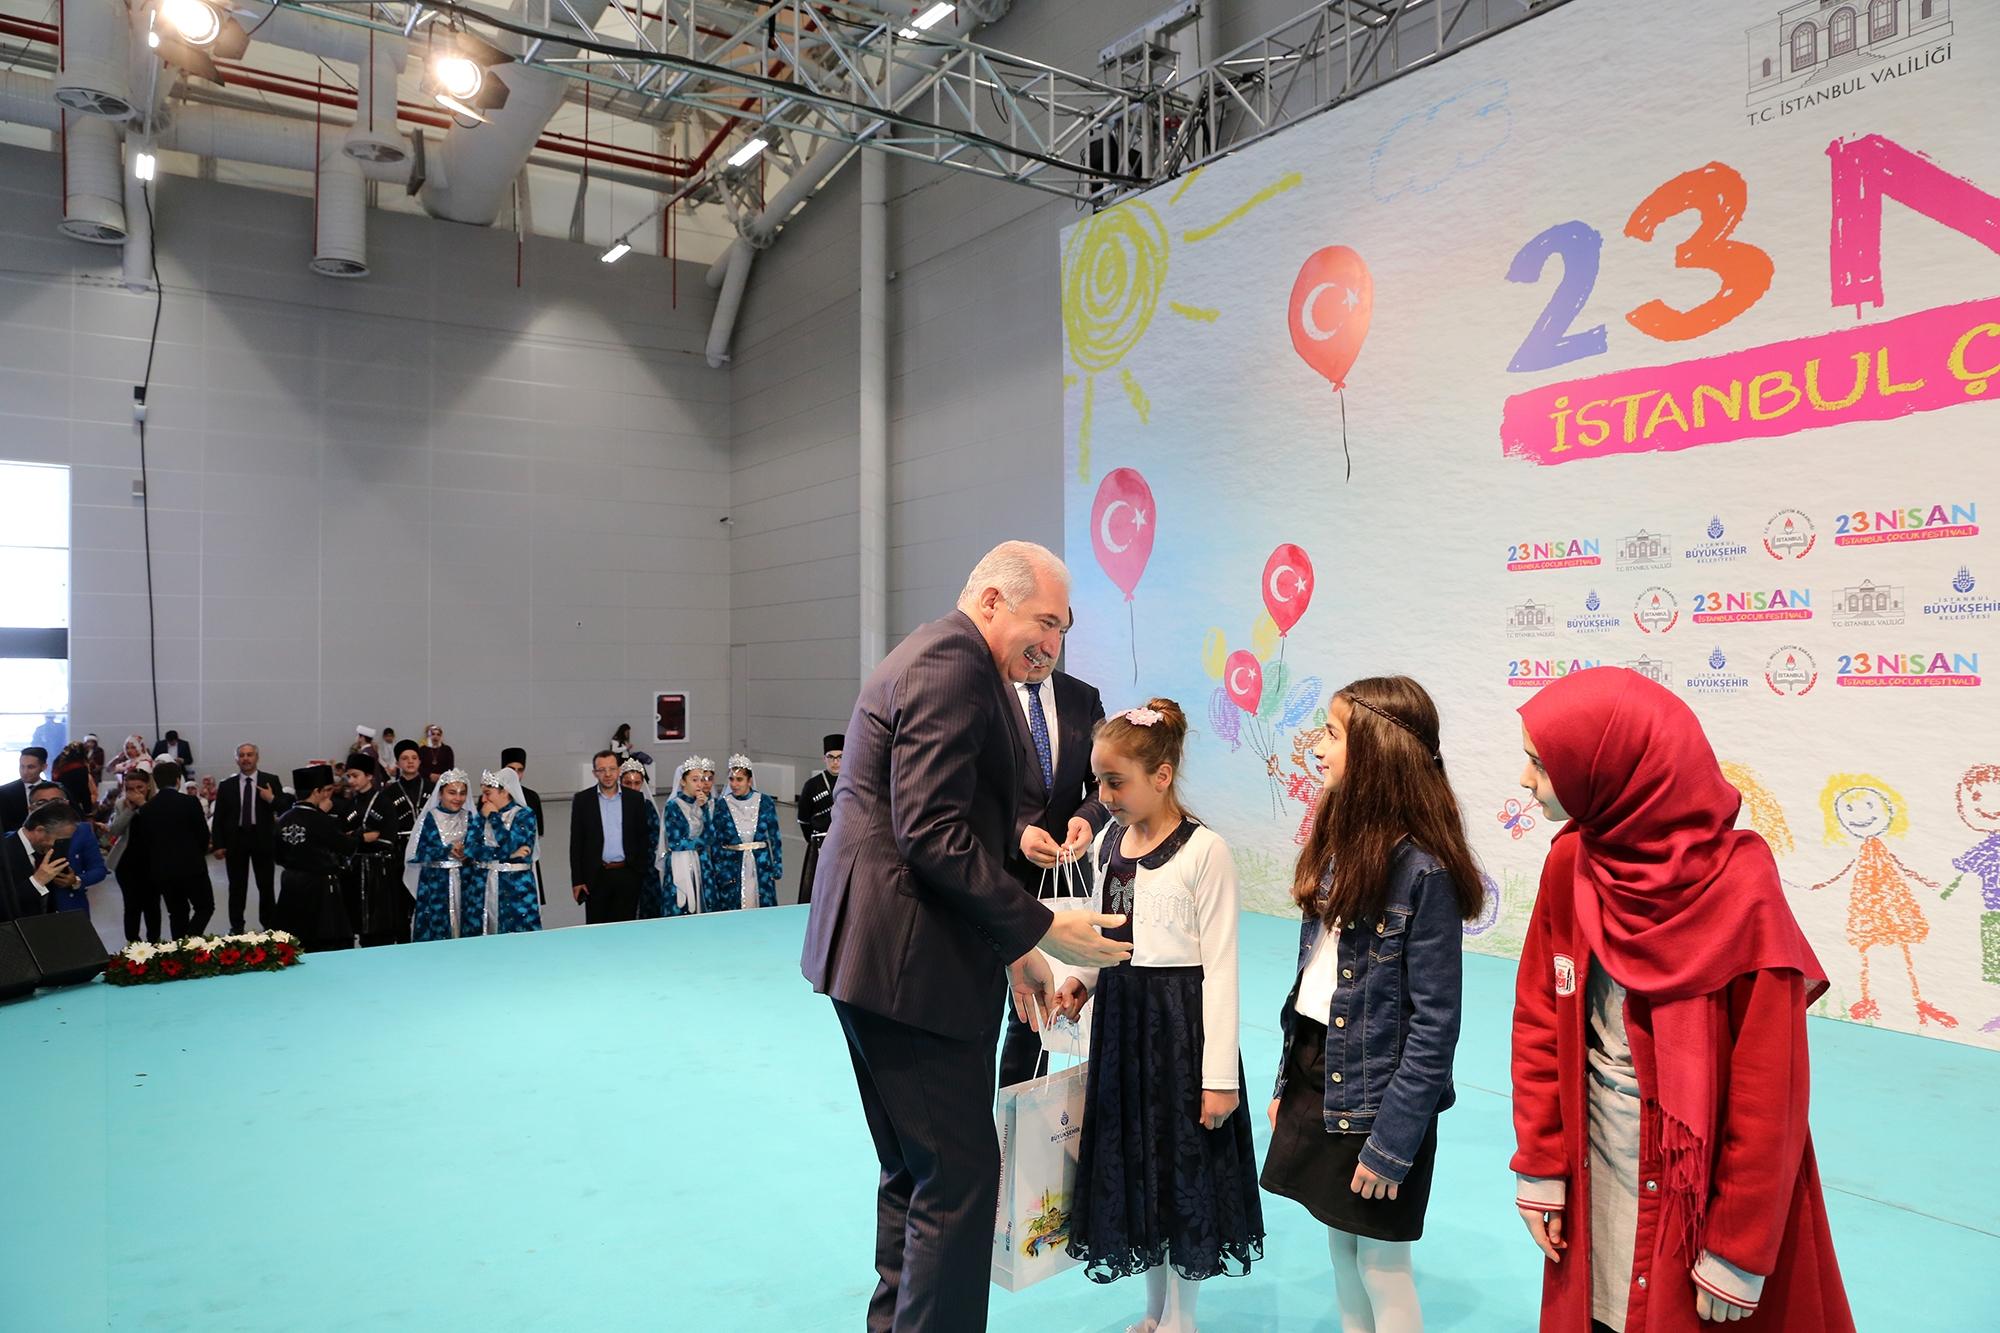 Konuşan Trafik Çocuk Oyunu Kadıköy Halk Eğitim Merkezi'nde 48